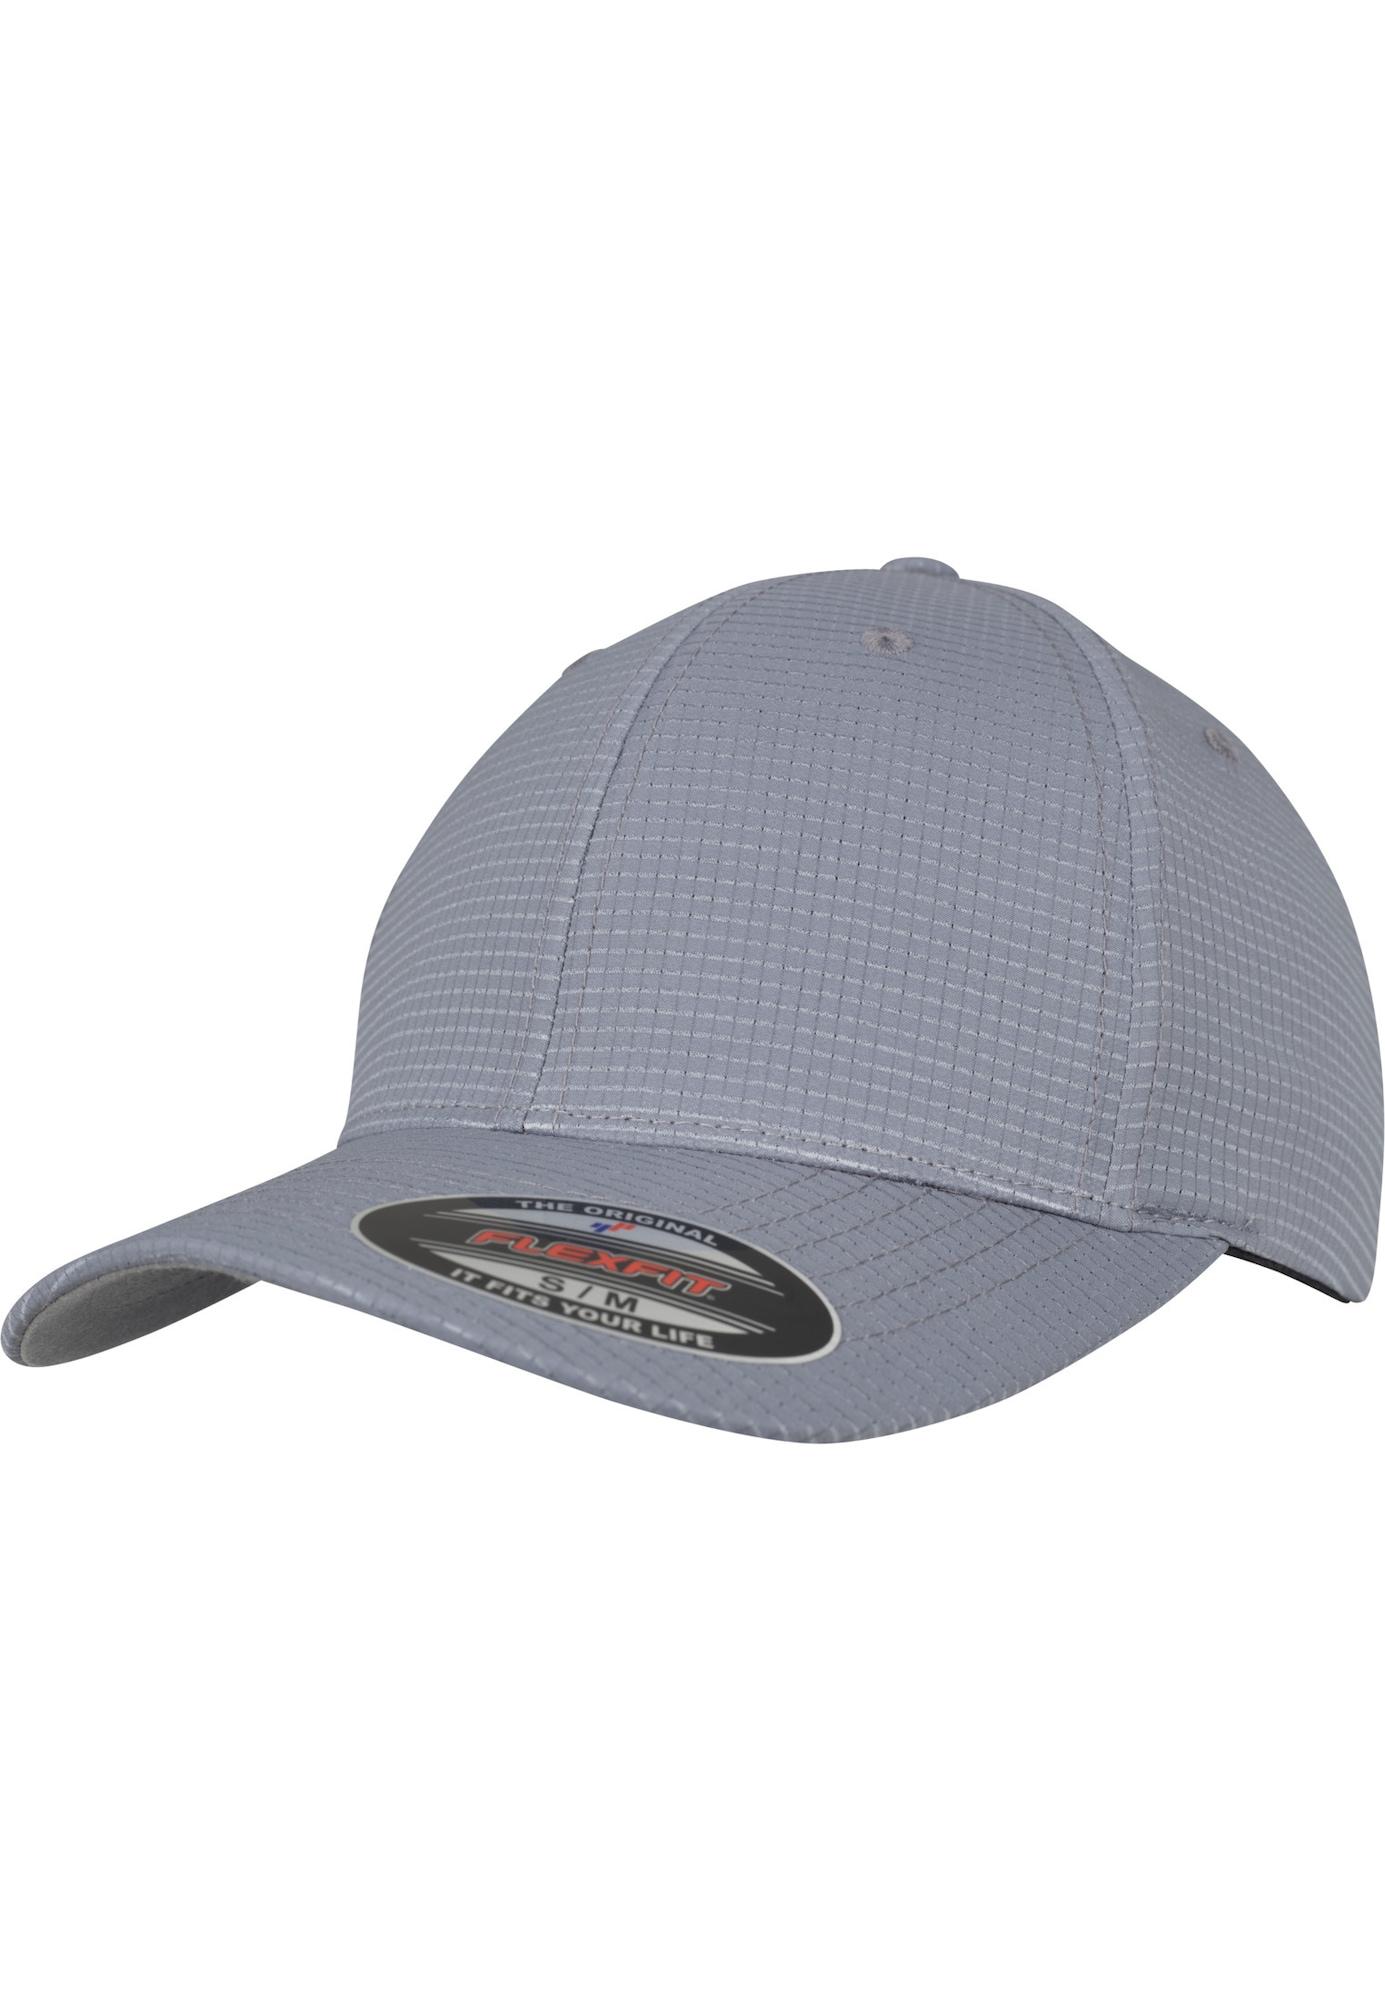 Hydro-Grid Stretch Cap   Accessoires > Caps > Sonstige Caps   Flexfit